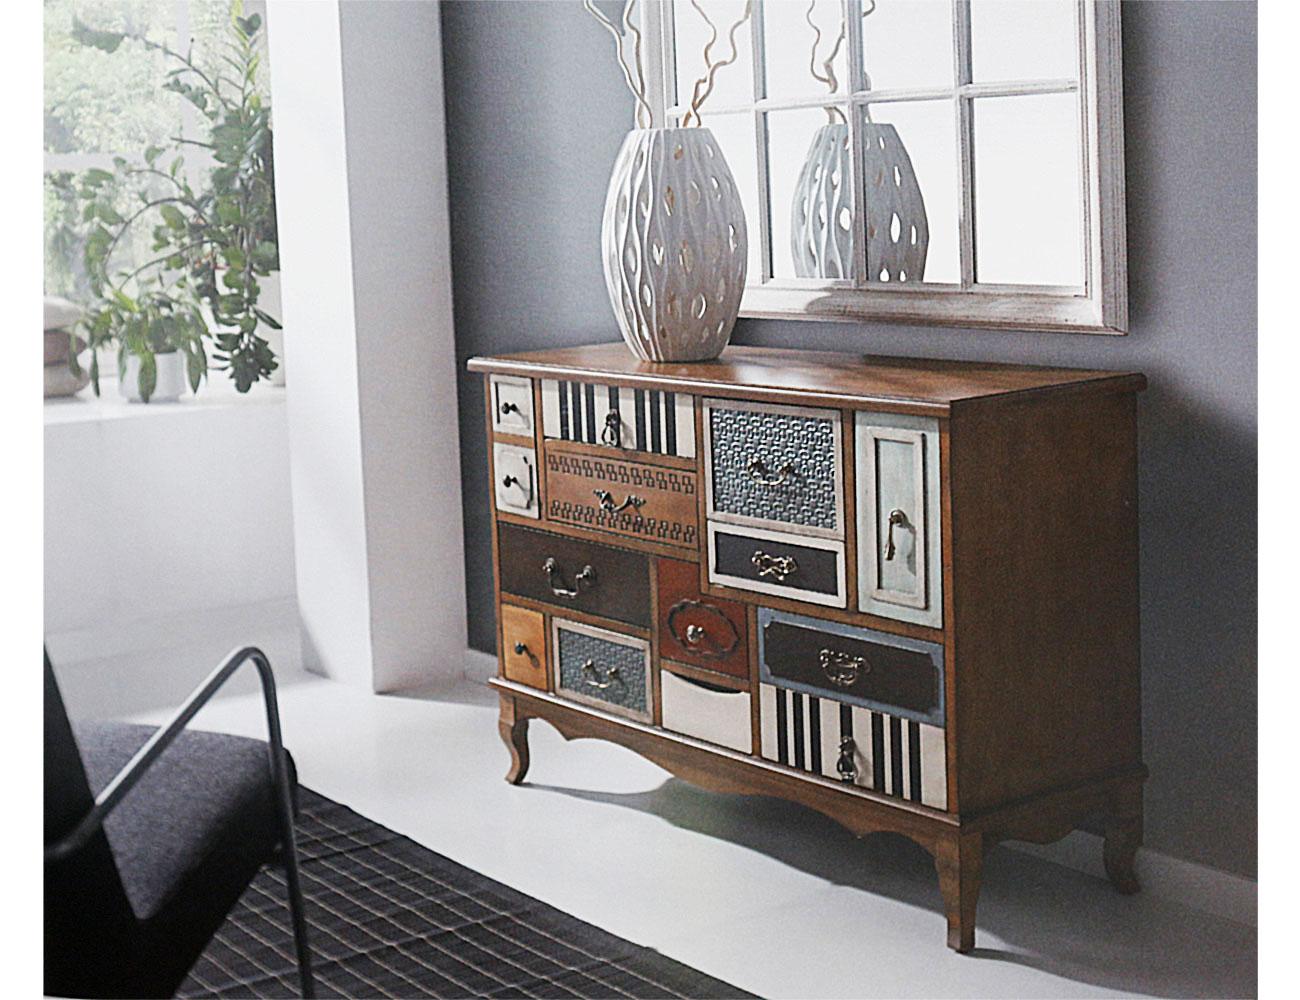 C moda estilo antigua colecci n vintage 17276 factory - Muebles de entrada vintage ...